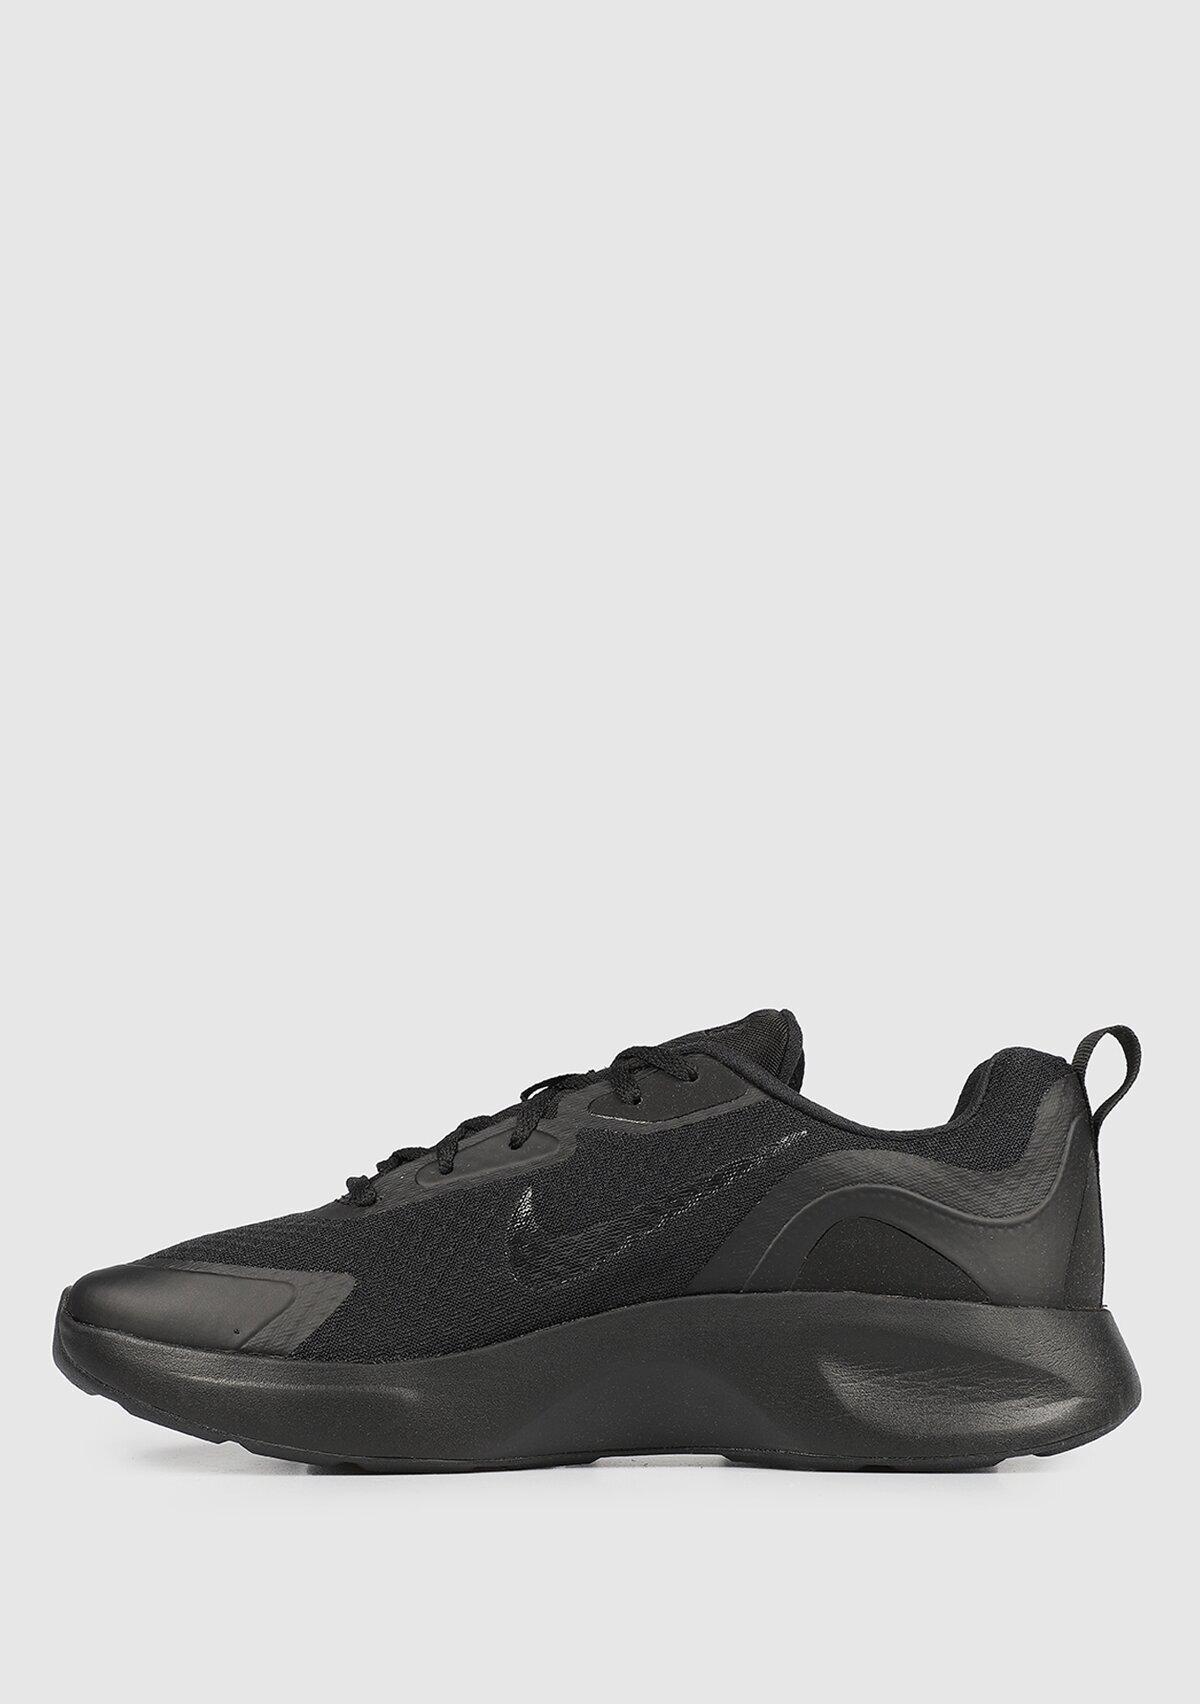 resm Wearallday Siyah Erkek Spor Ayakkabı Cj1682-003